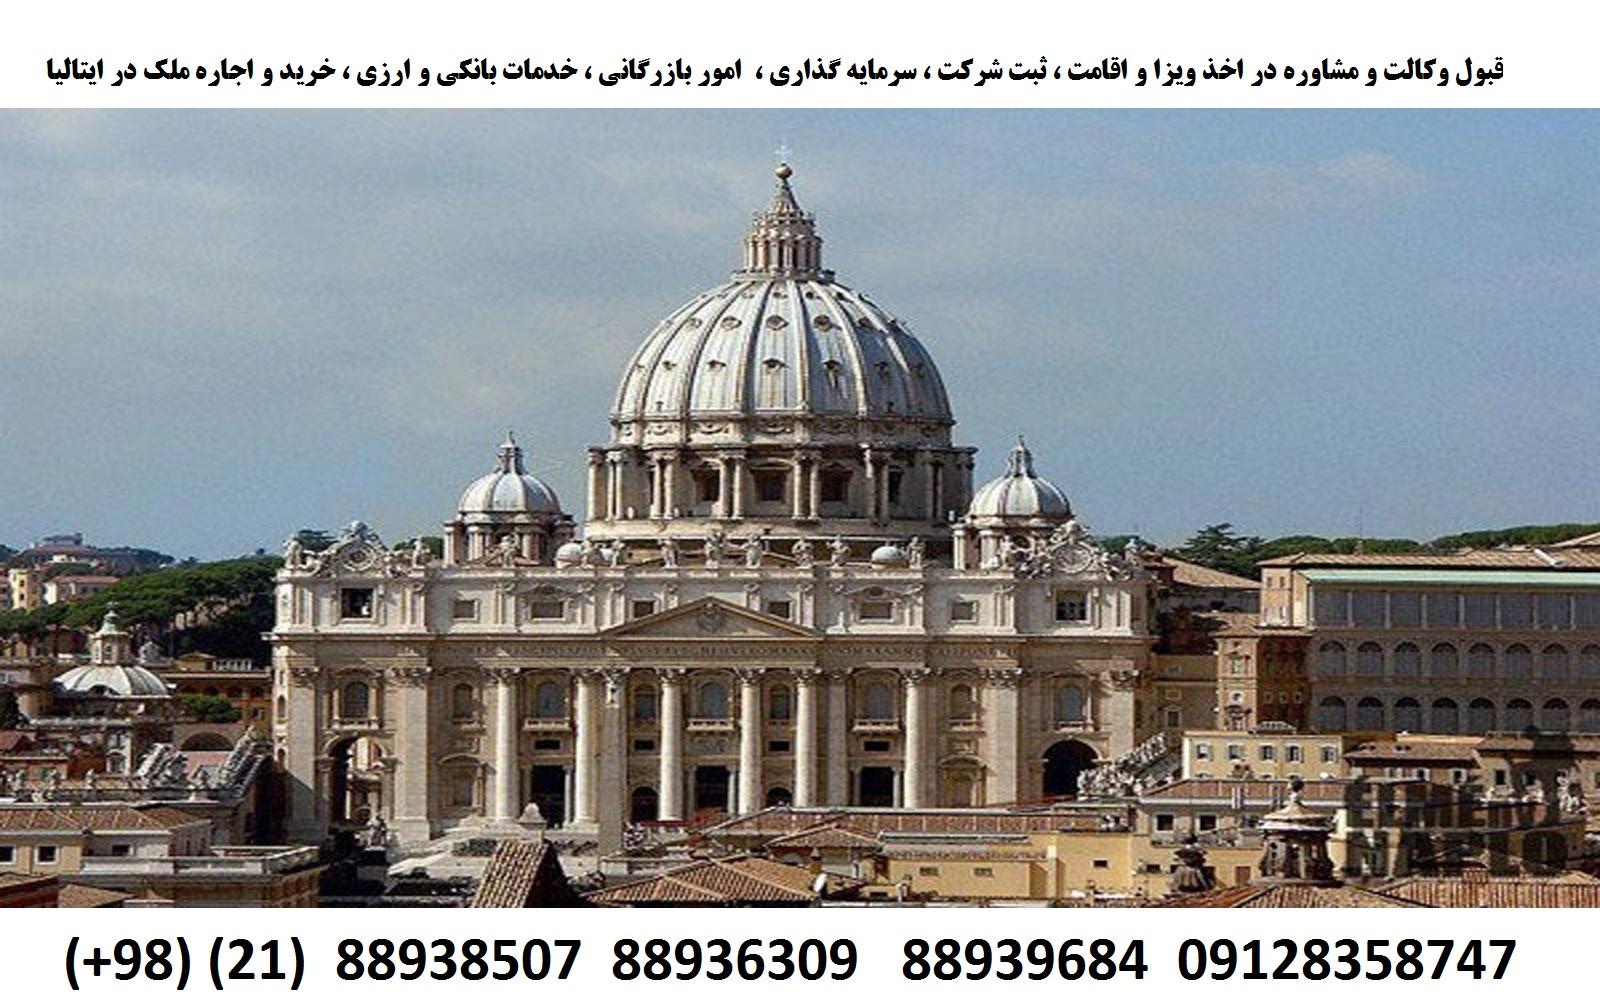 اقامت ، ویزا ، ثبت شرکت ، سرمایه گذاری در ایتالیا (3)